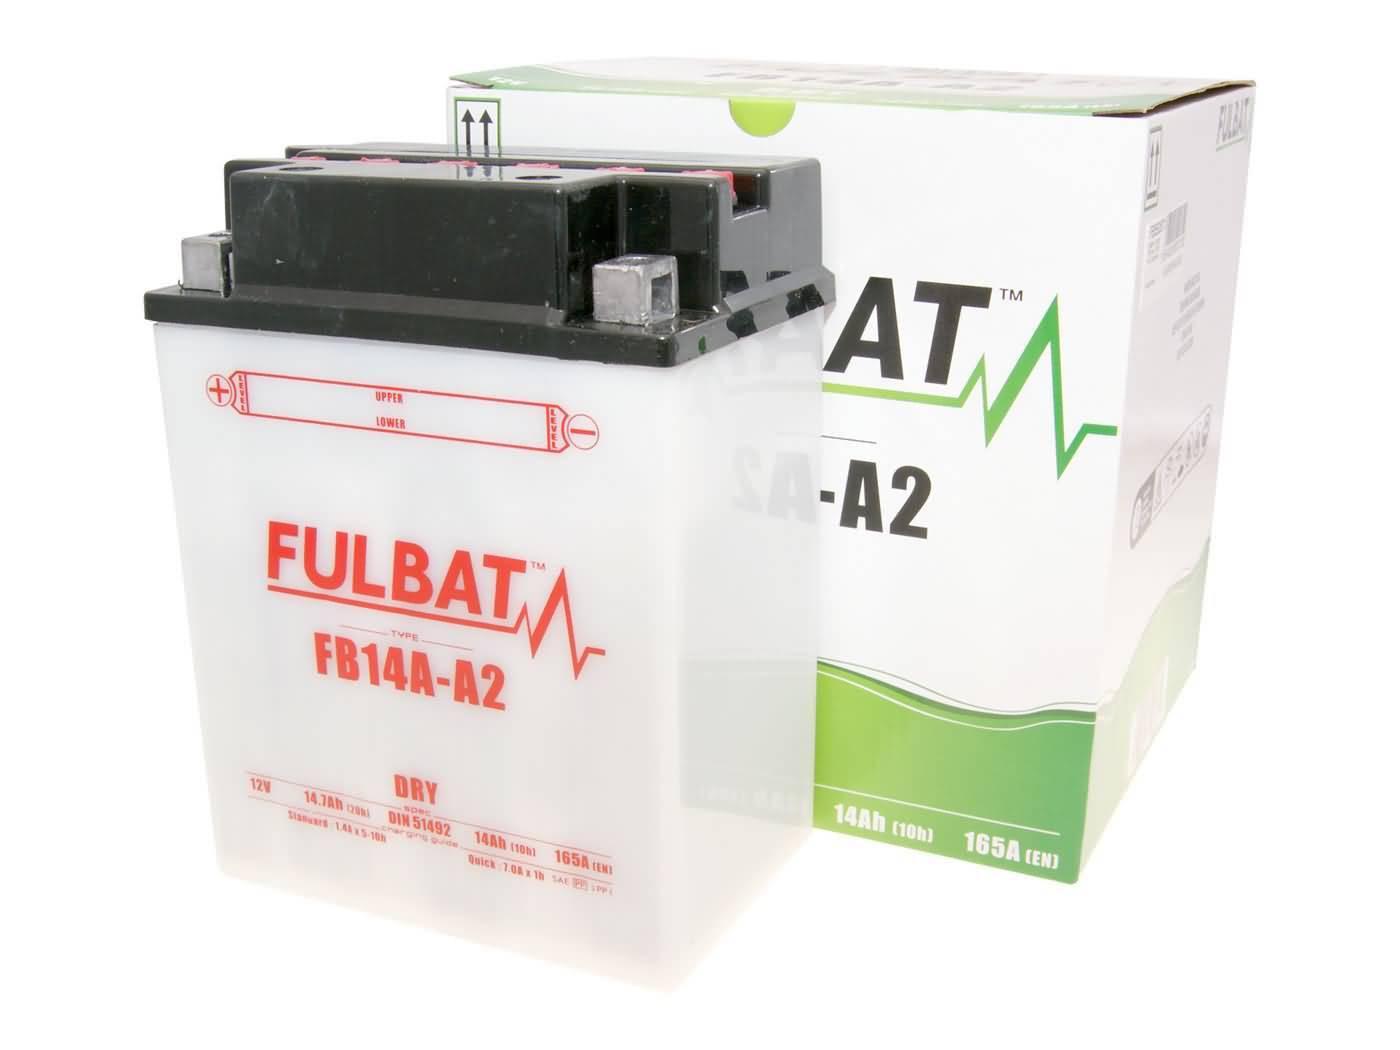 Fulbat FB14A-A2 DRY száraz akkumulátor + savcsomag